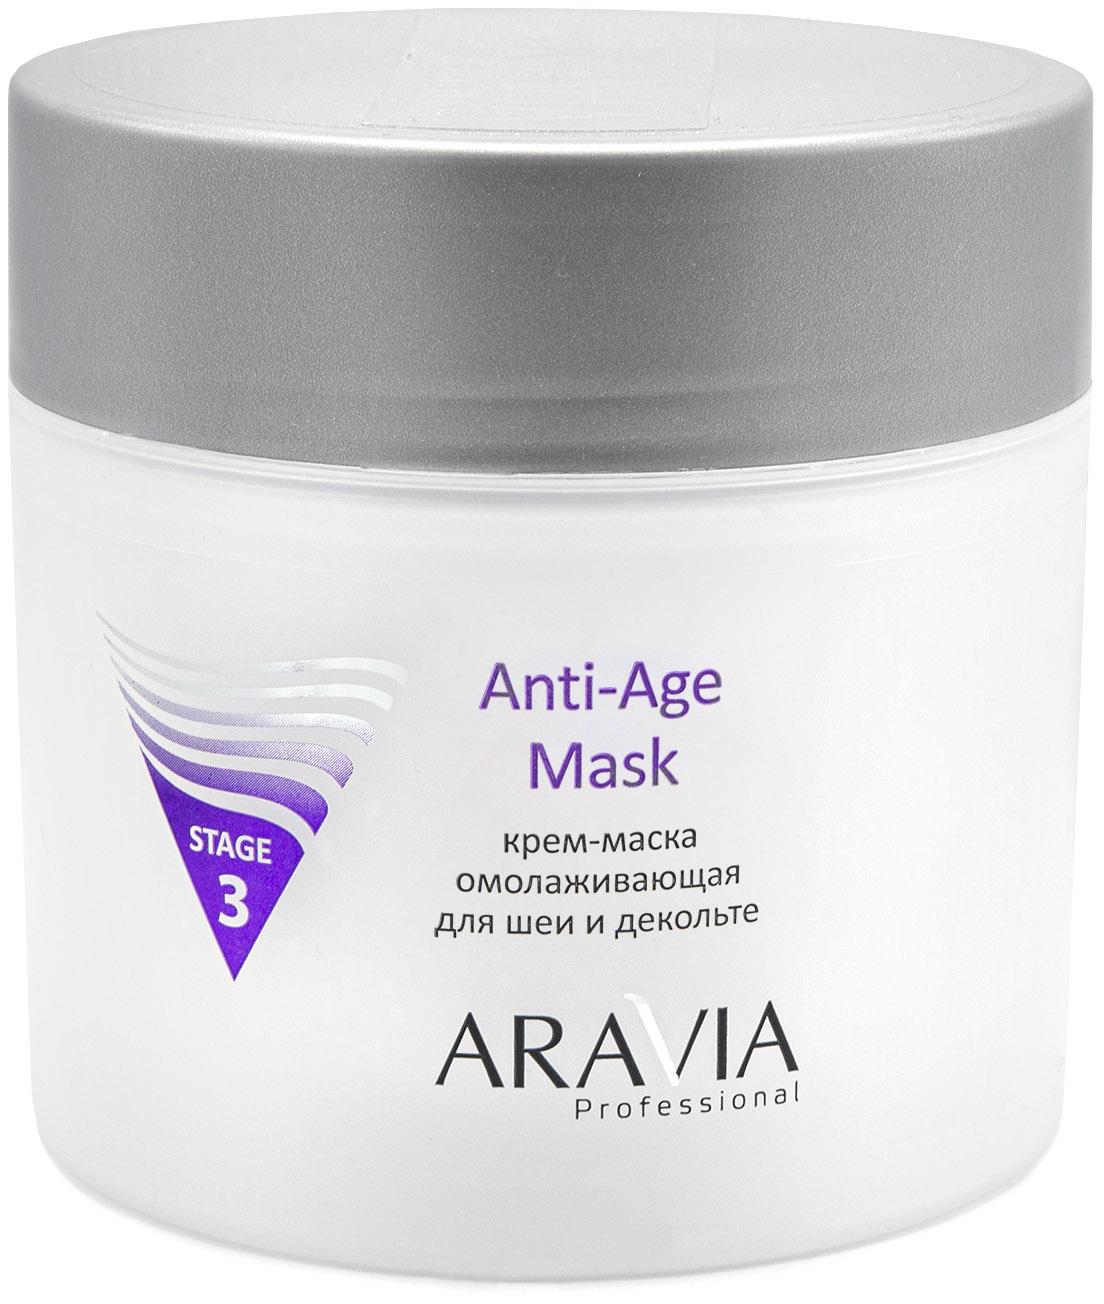 Купить Aravia Professional Крем-маска омолаживающая для шеи и декольте Anti-Age Mask, 300 мл (Aravia Professional, Уход за лицом), Россия